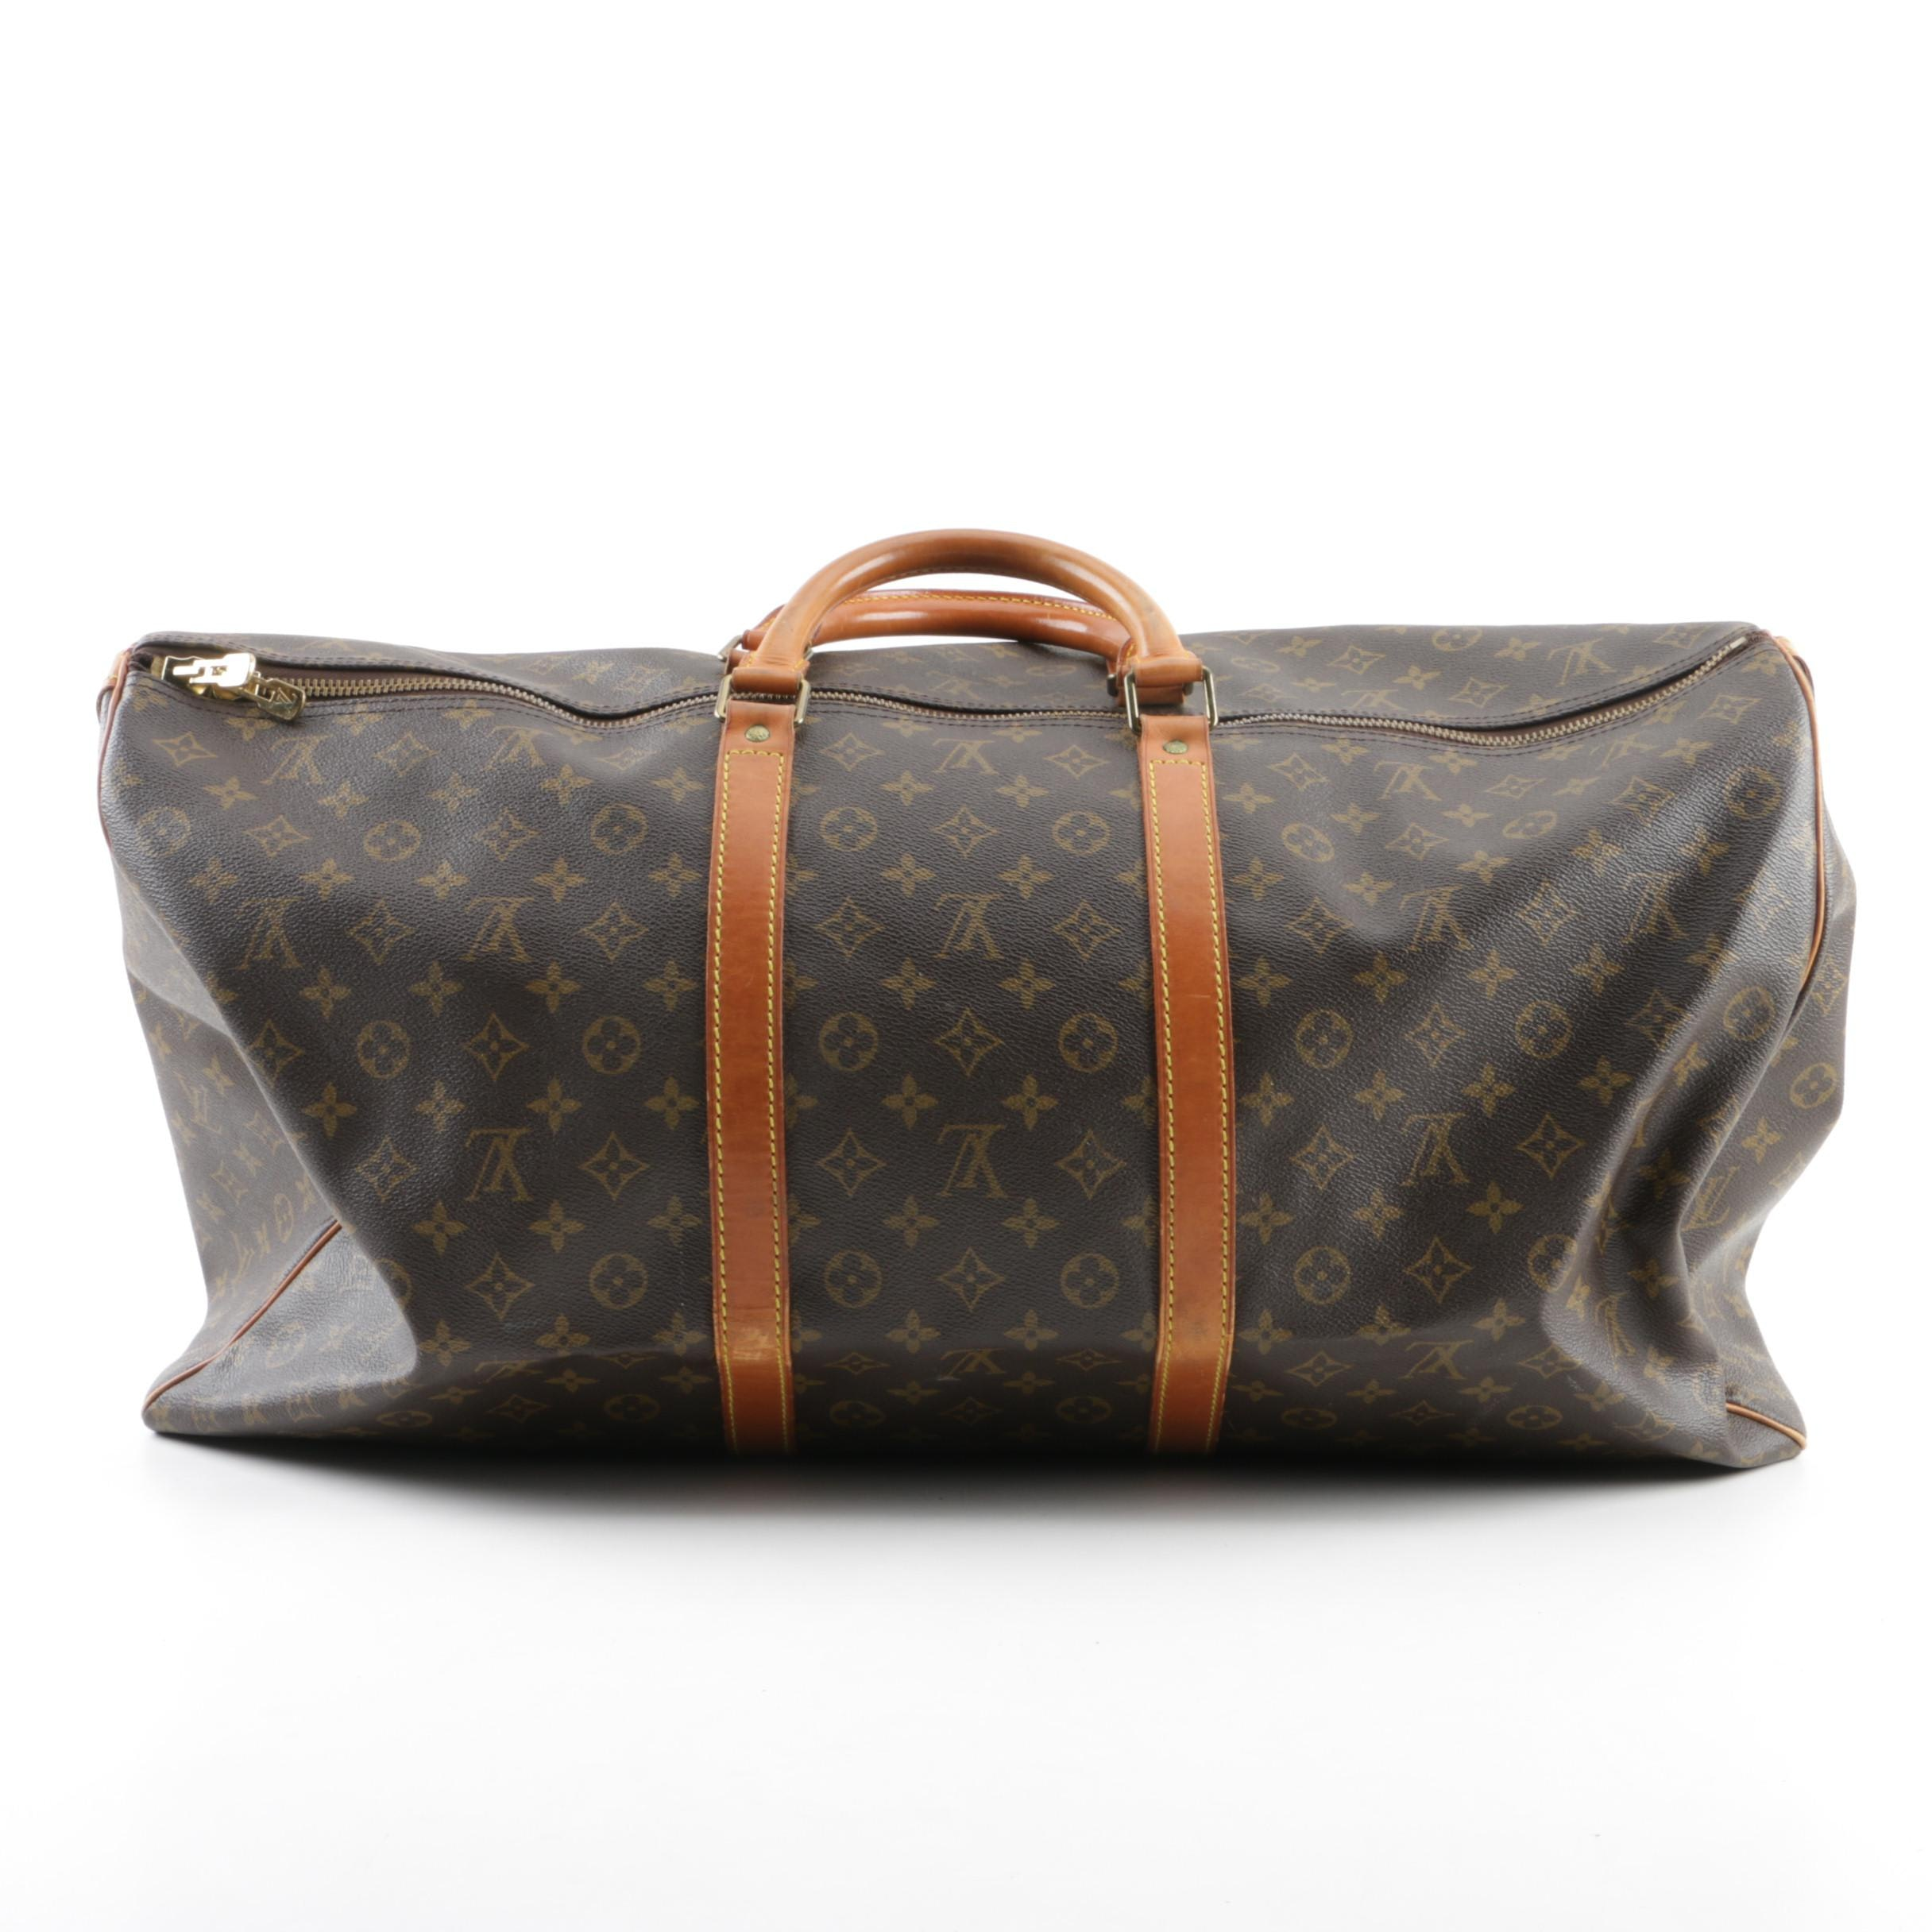 Vintage Louis Vuitton of Paris Signature Monogram Canvas Keepall Duffle Bag